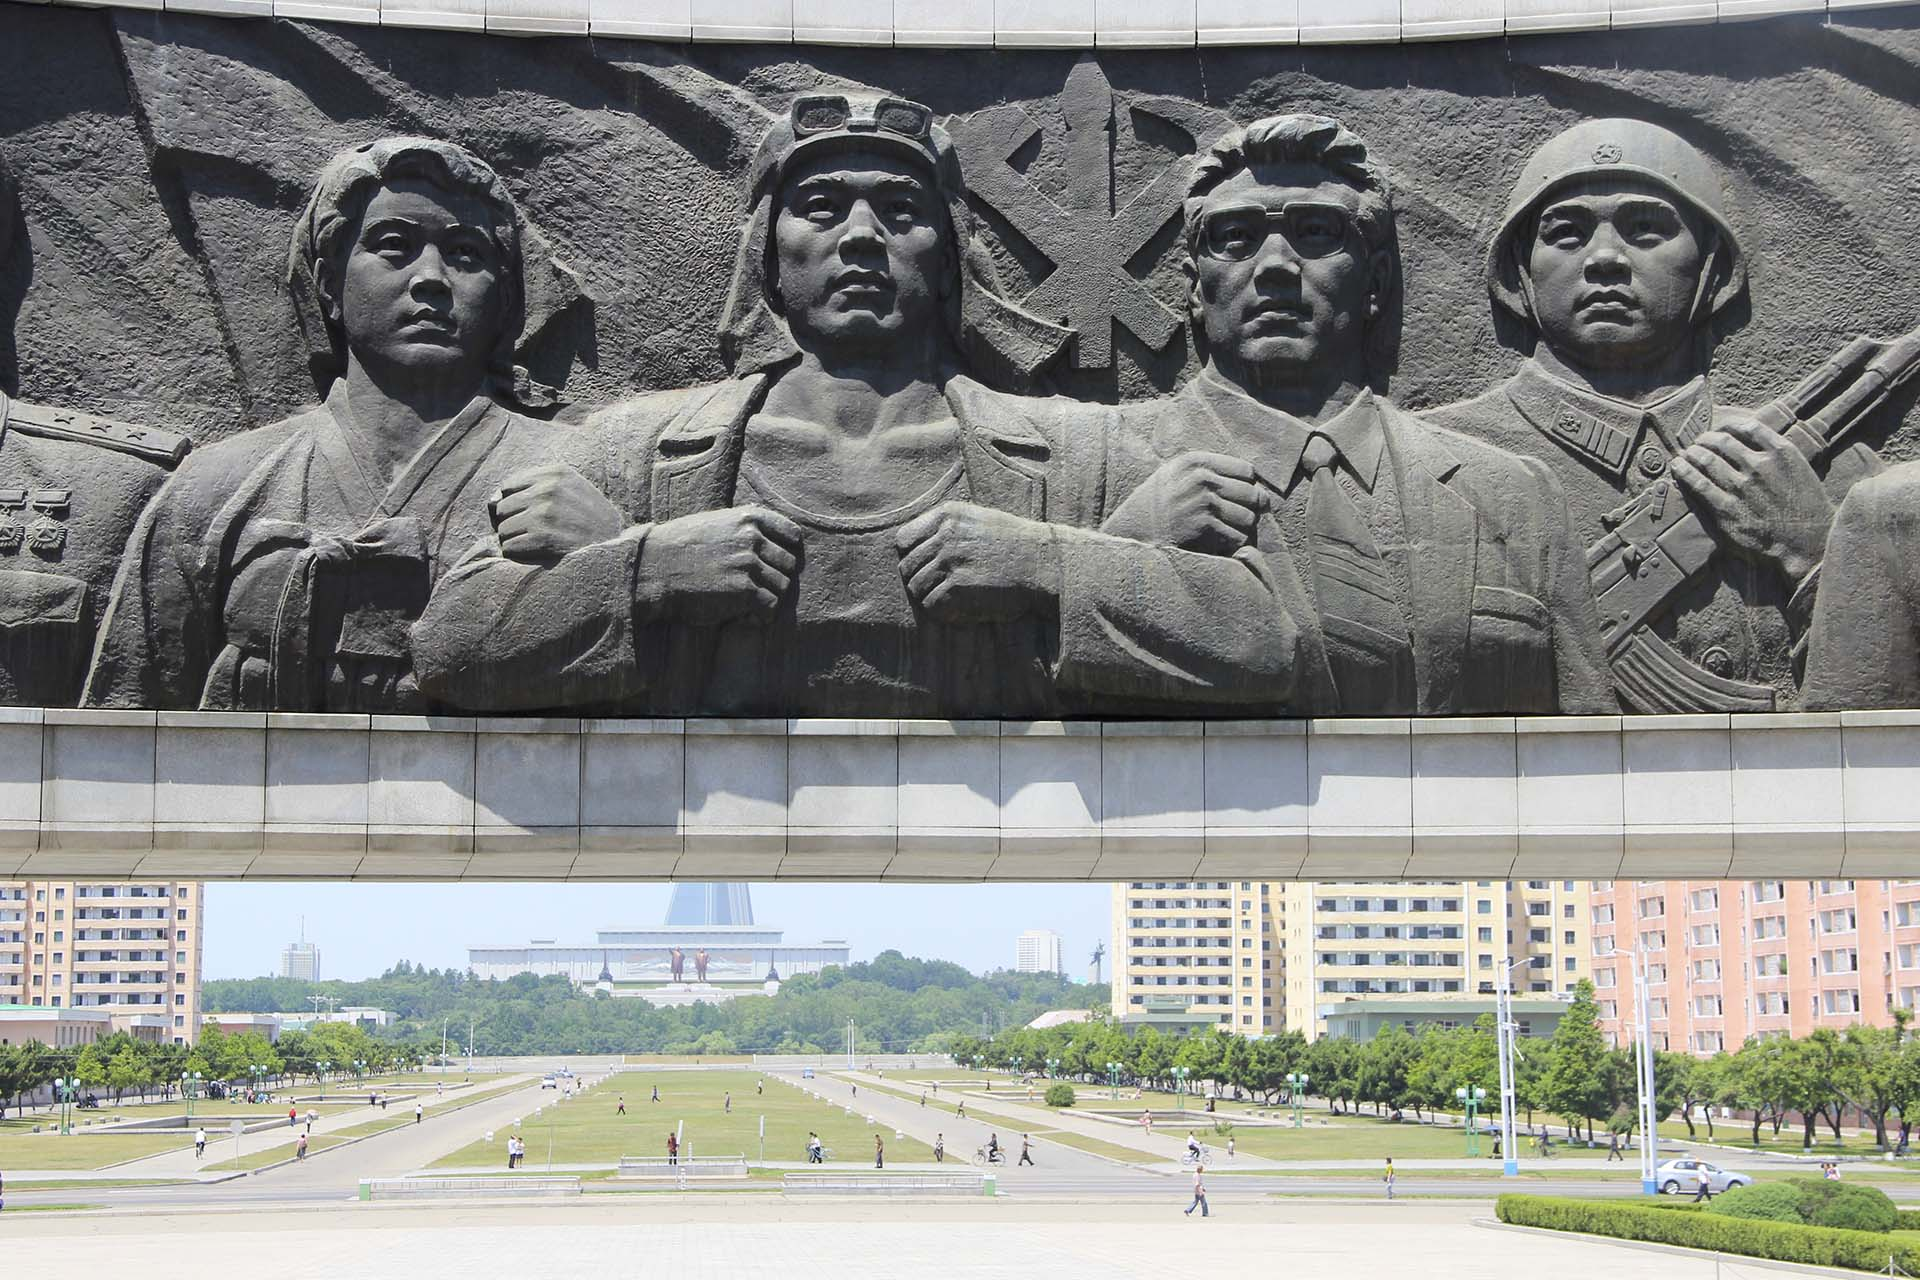 El monumento al Partido de los Trabajadores de Corea representa los tres pilares del país: campesinos, militares e intelectuales. Envueltos en la bandera rojo sangre del Partido yacen en el Palacio del Sol de Kumsusan, el mausoleo de Pyongyang, los cuerpos embalsamados de Kim Il Sung y Kim Jong Il, exhibidos a los visitantes en sus impolutos sarcófagos de vidrio. Allí, las fotos están prohibidas: los extranjeros que viajamos al país podemos ver más de lo que esperamos, pero no siempre podemos documentarlo